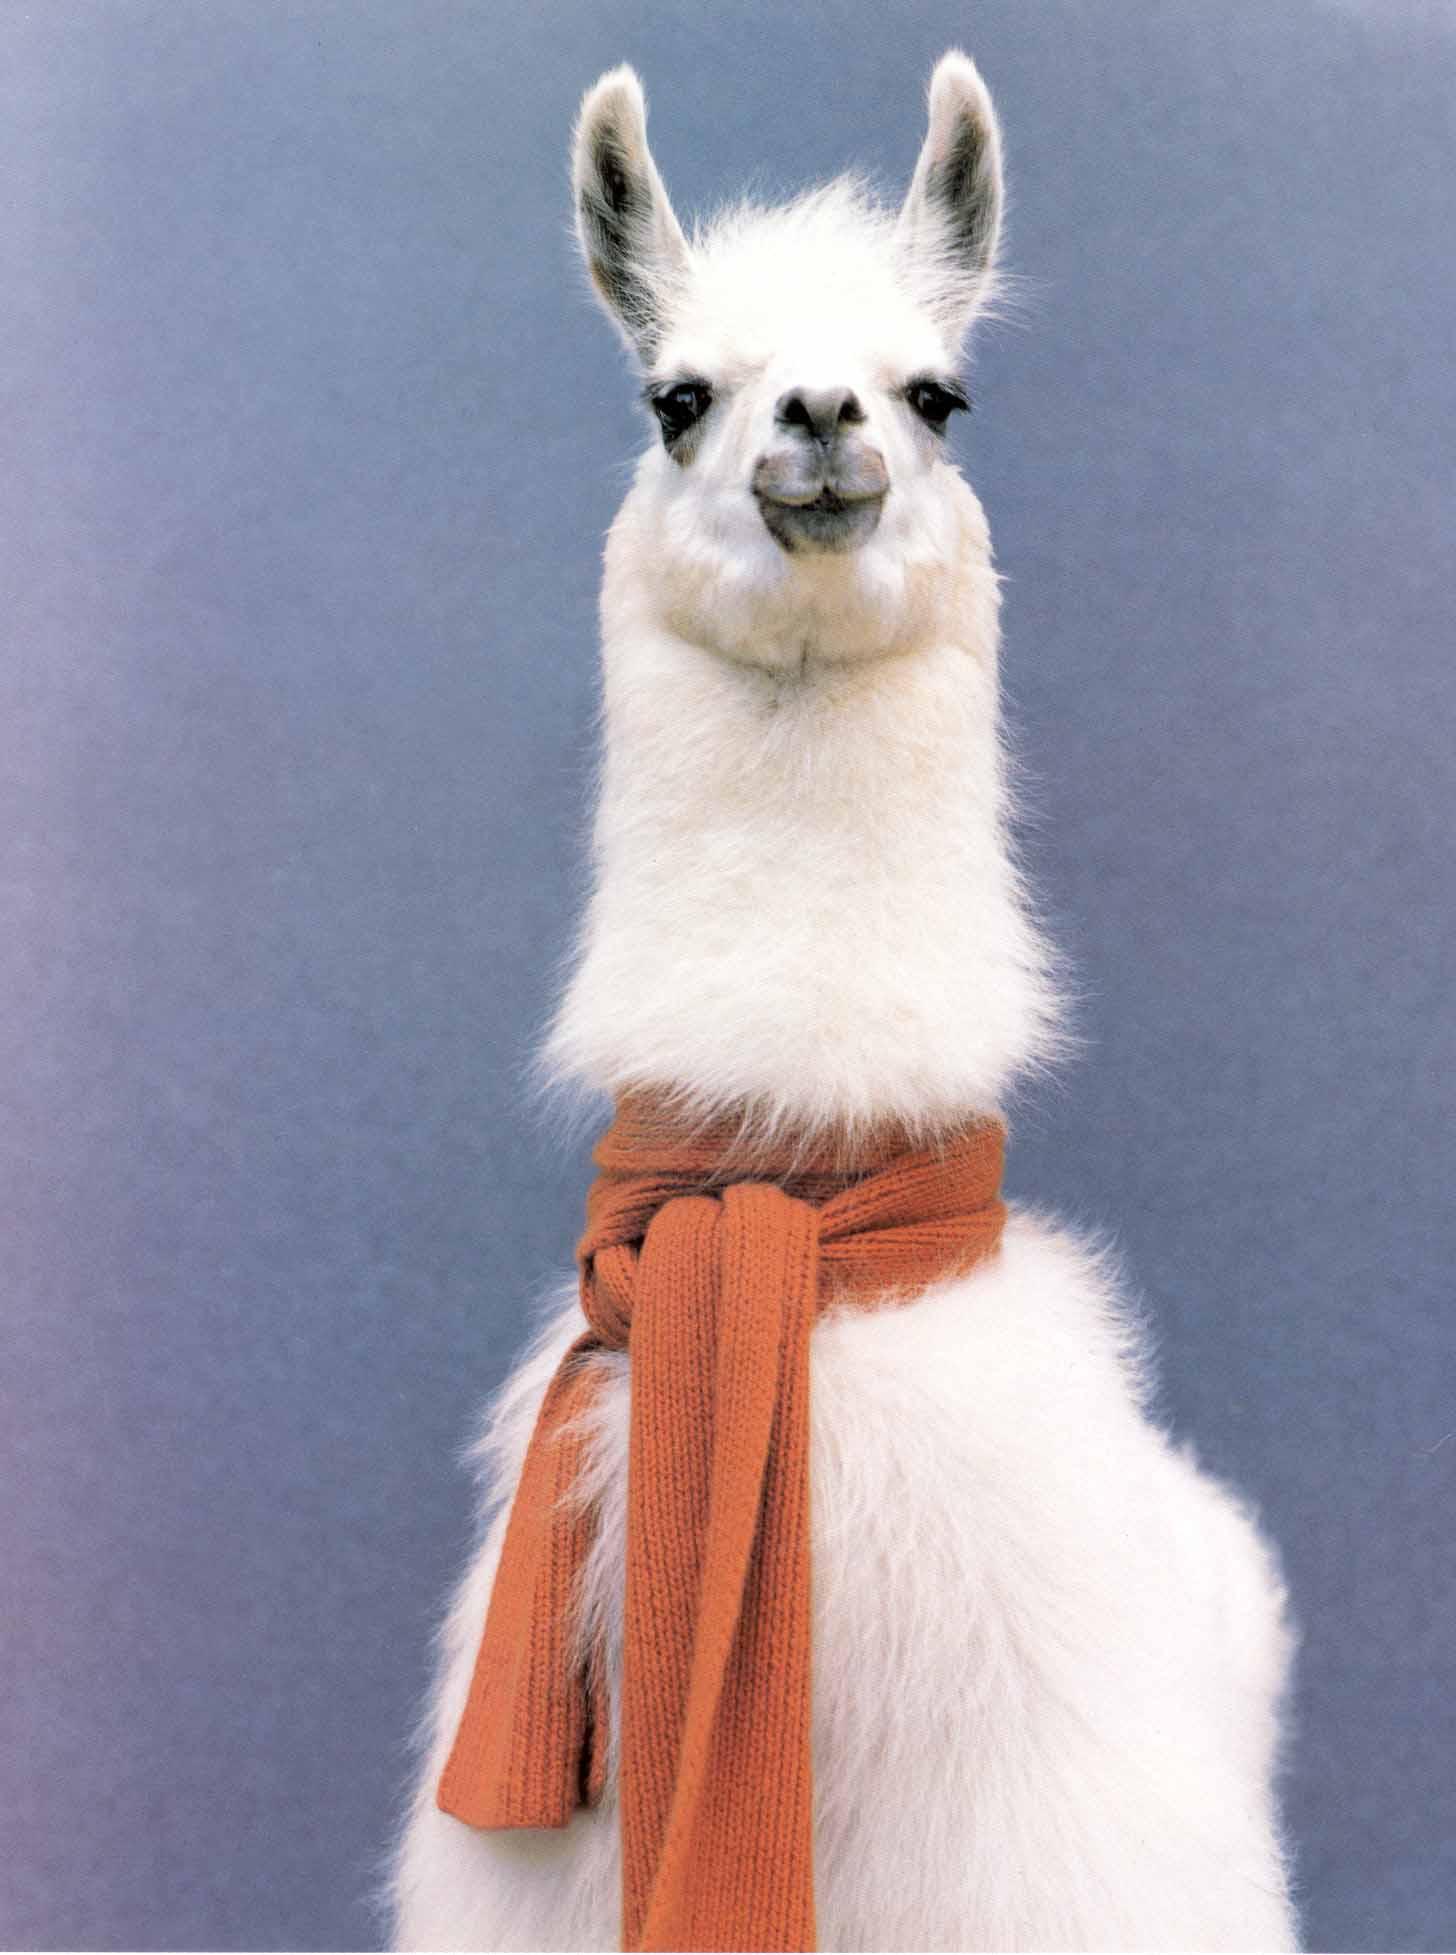 Llama wearing scarf